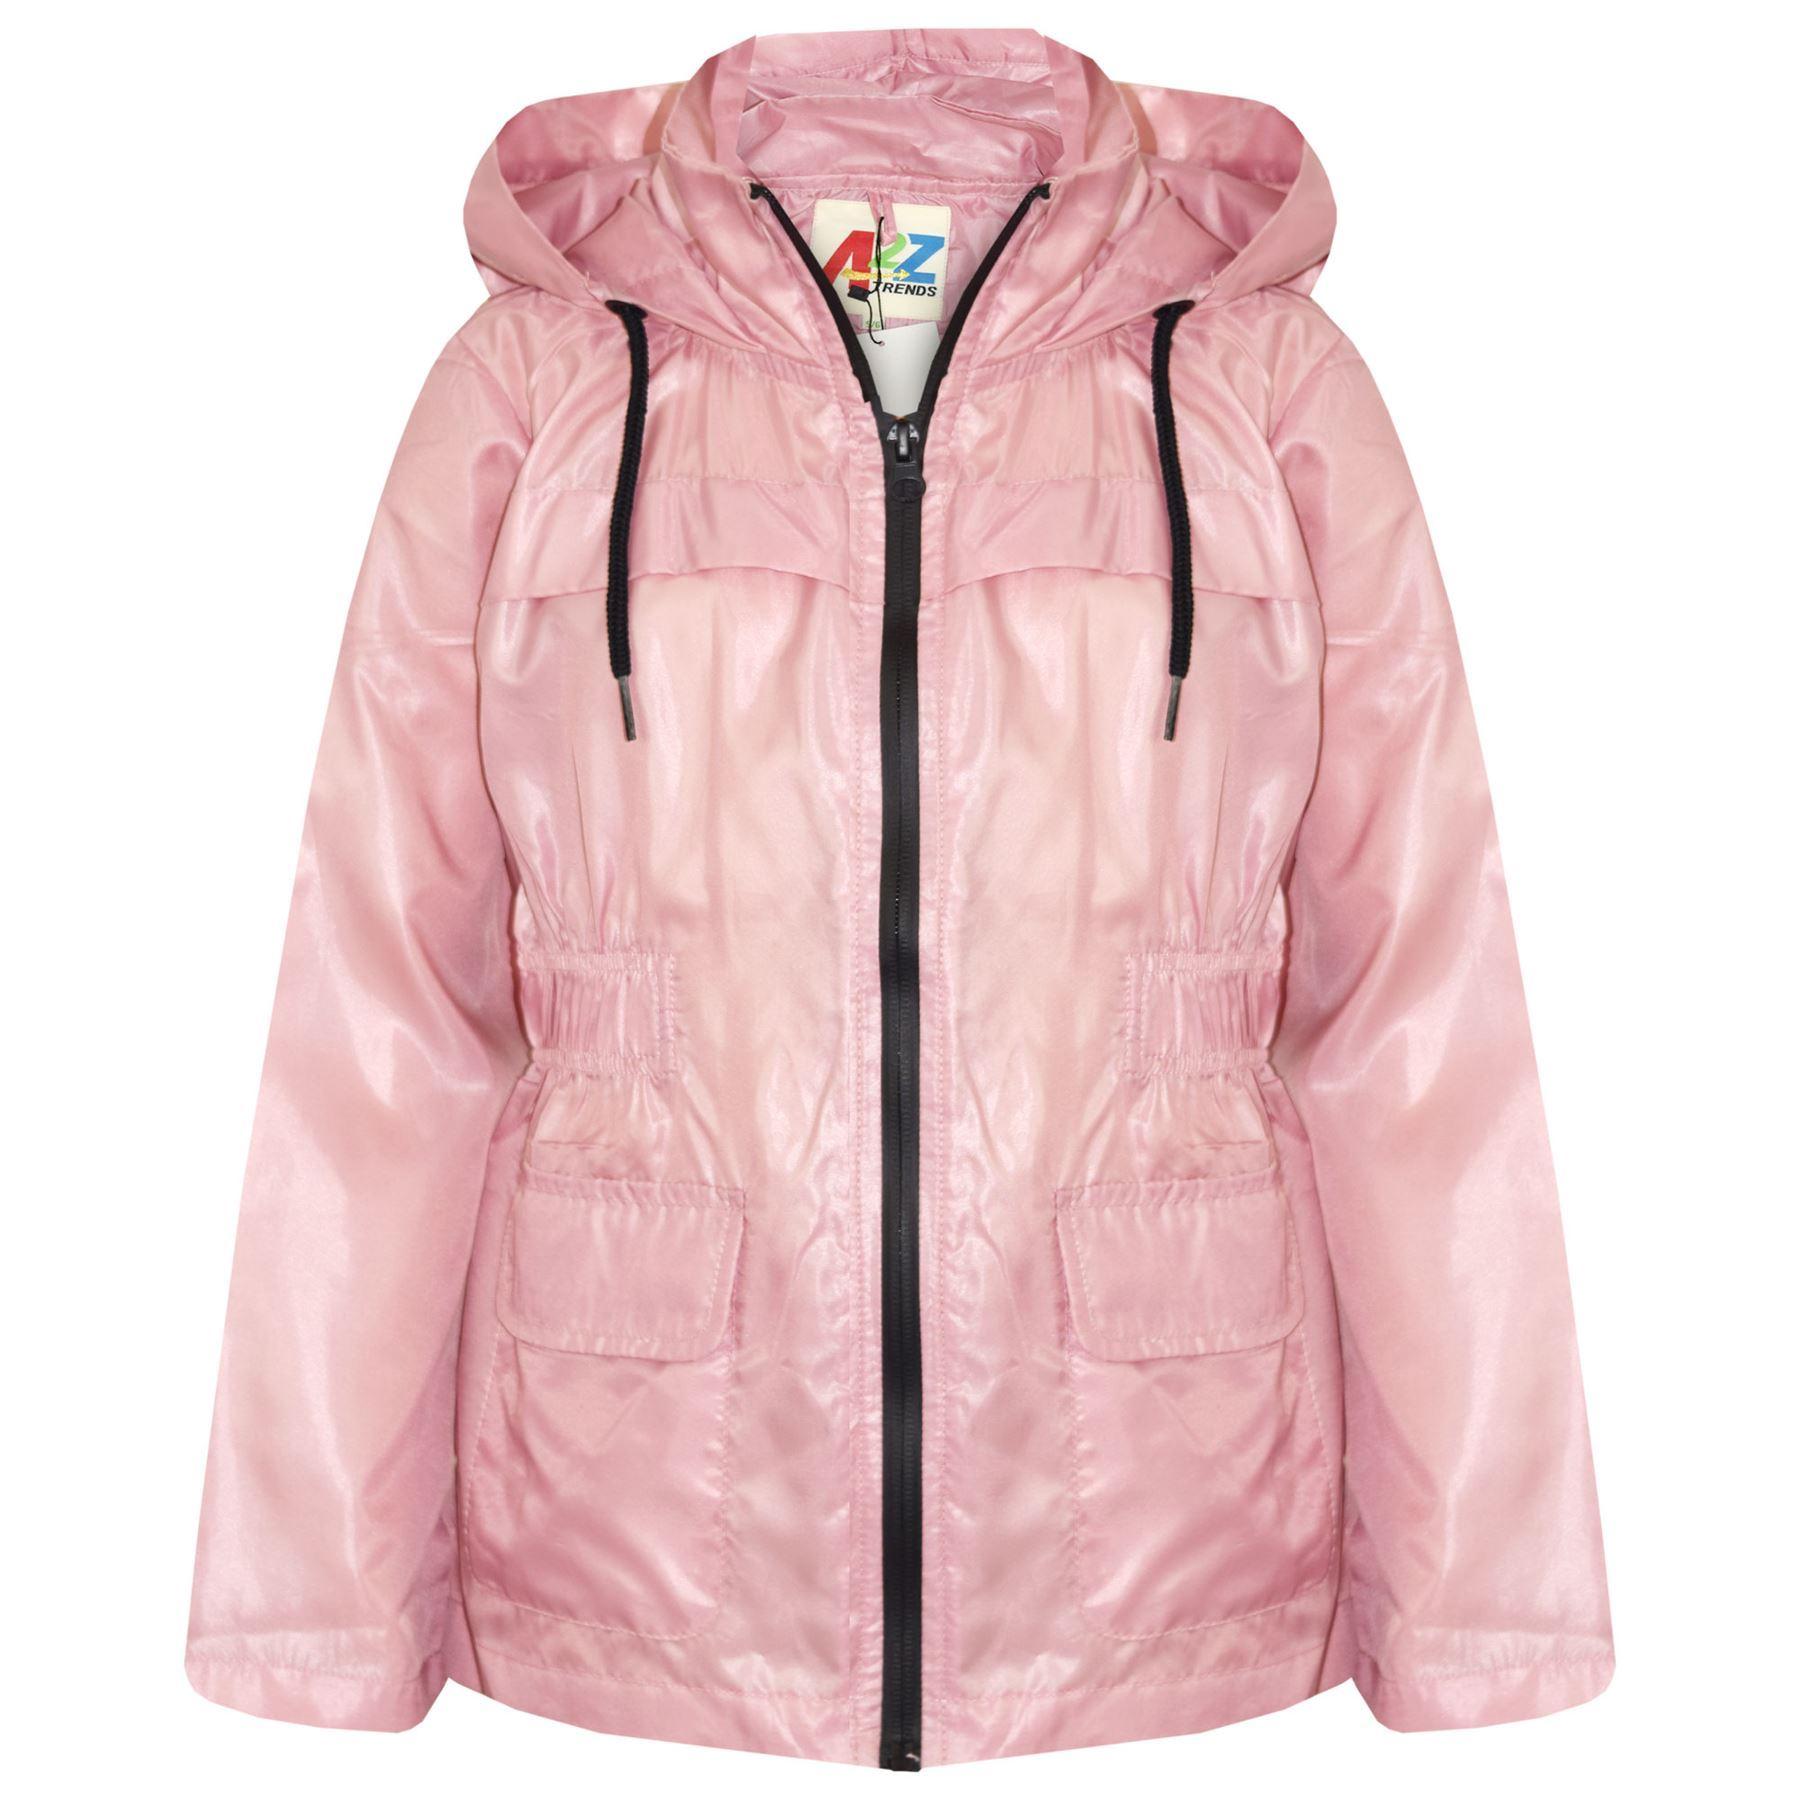 Fullsize Of Raincoats For Kids